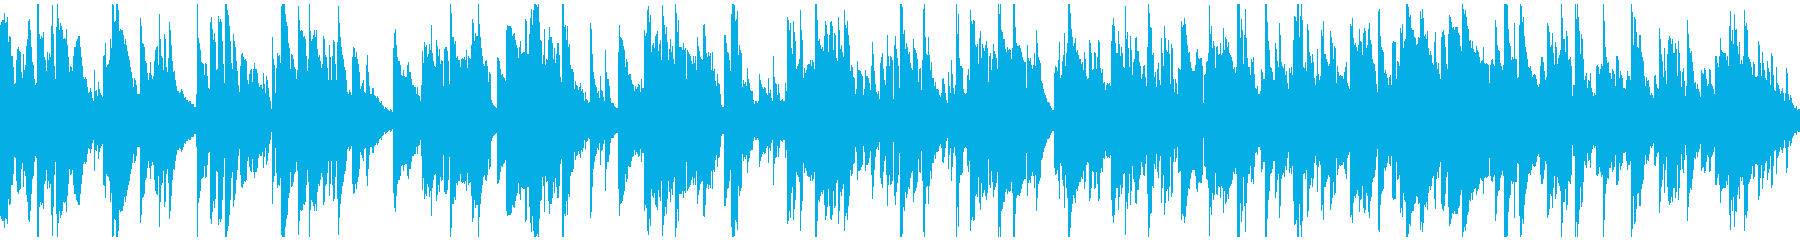 テナーサックス生演奏のバラード※ループ版の再生済みの波形